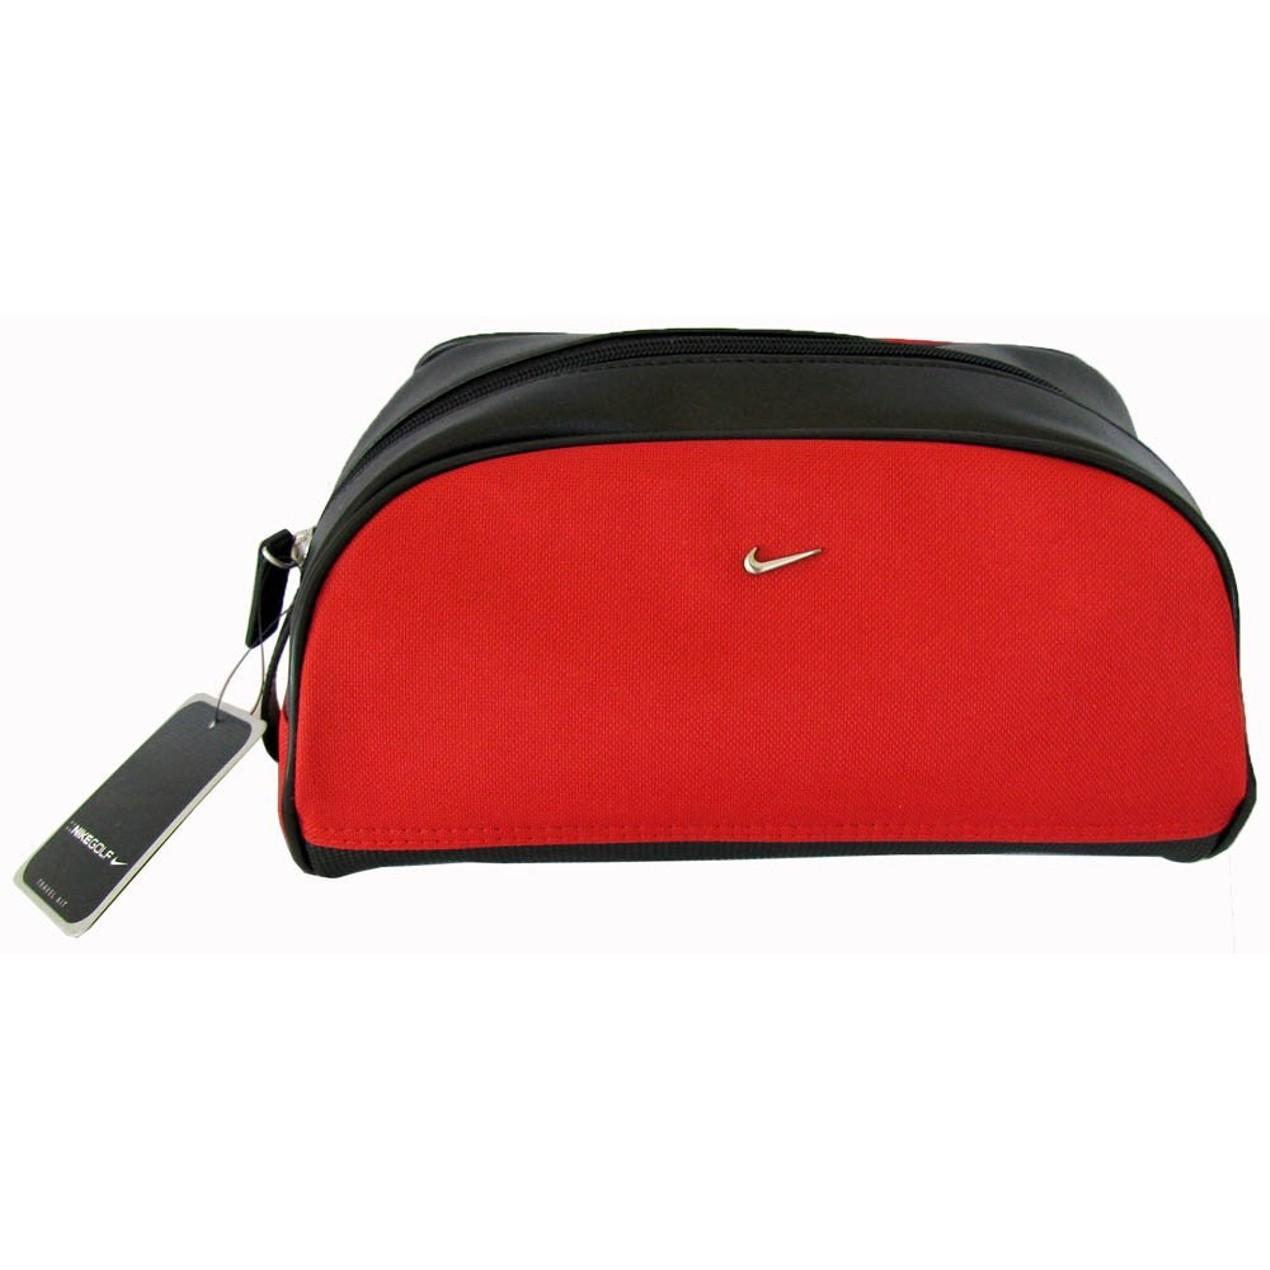 56ec0e25c687 Nike Golf P1400 Red Travel Toiletry Bag - Tanga